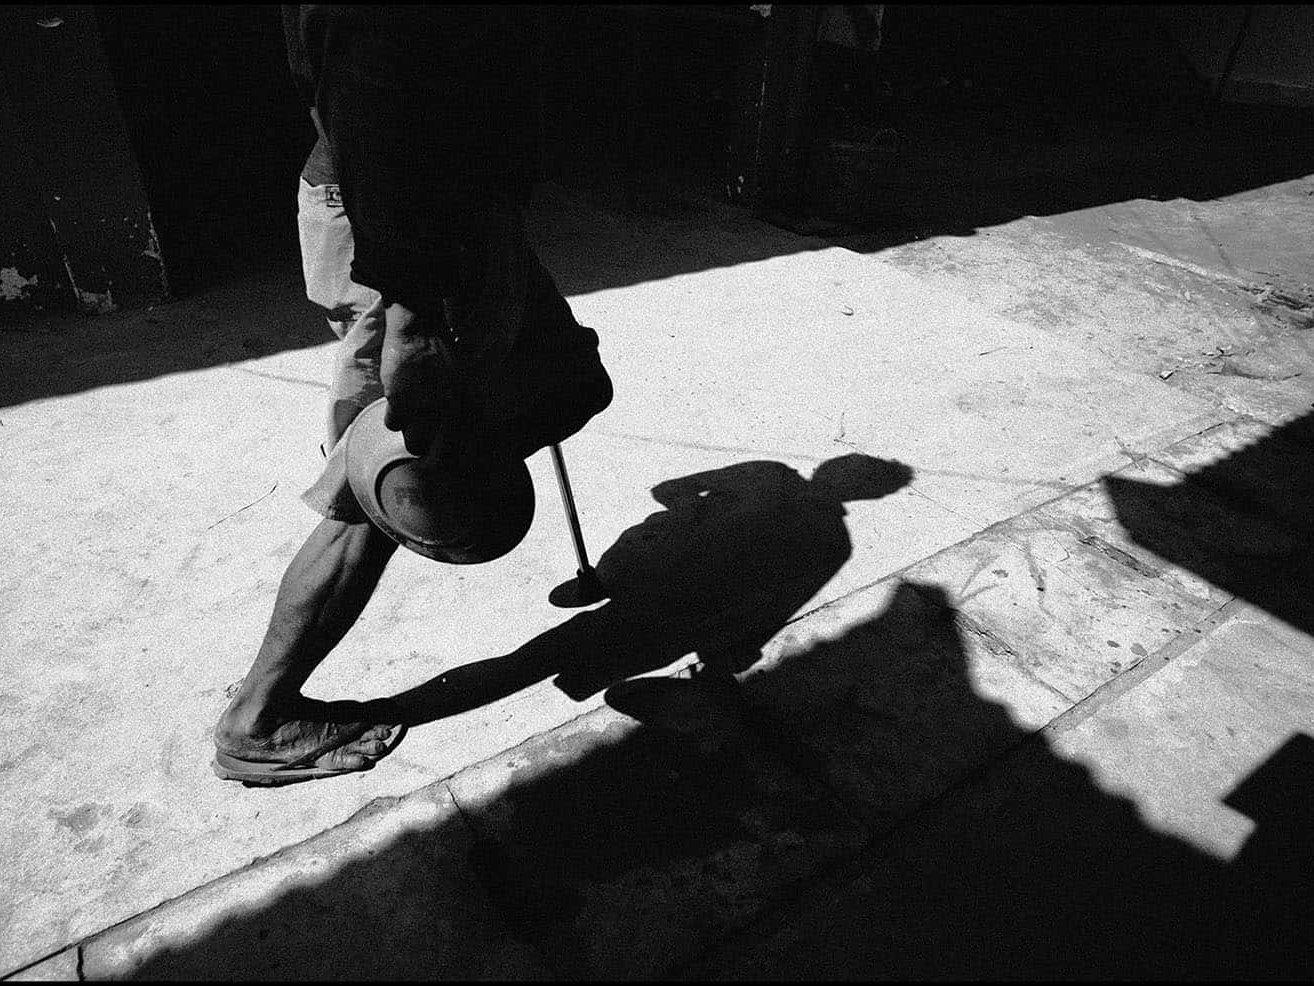 vietnam photographer possible life binhdang 9